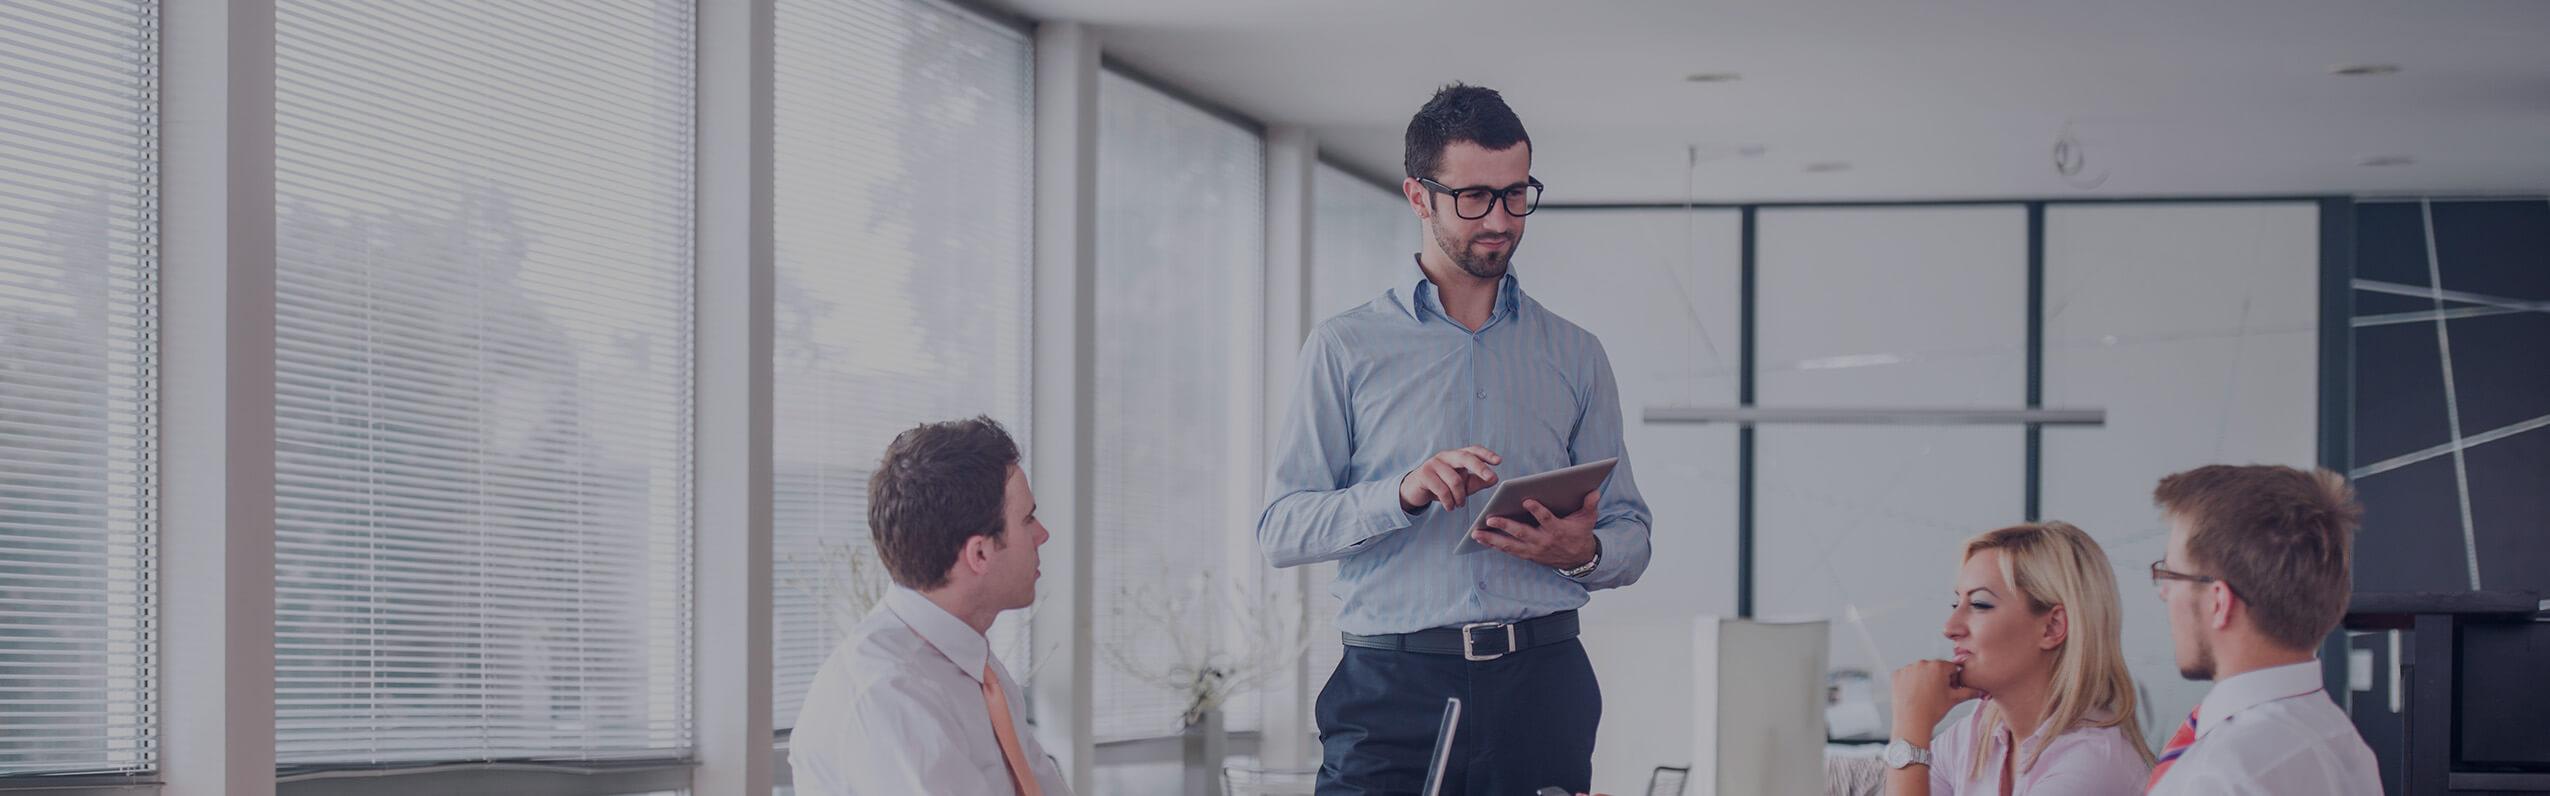 Begeleiding en advies op maat voor uw IT vraagstukken